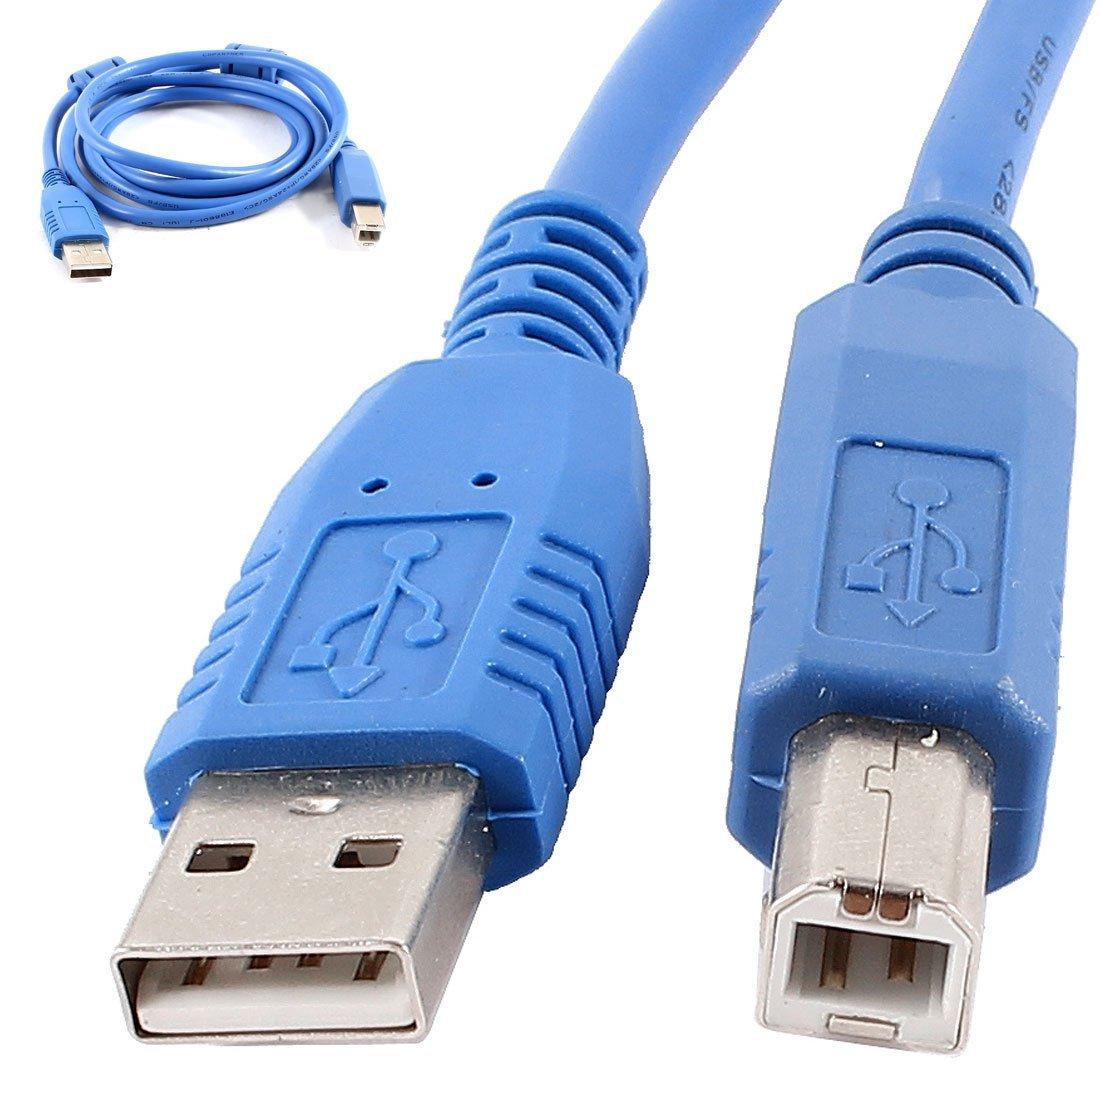 DealMux USB del Ordenador portátil 2.0 A Macho a B Macho Impresora ...